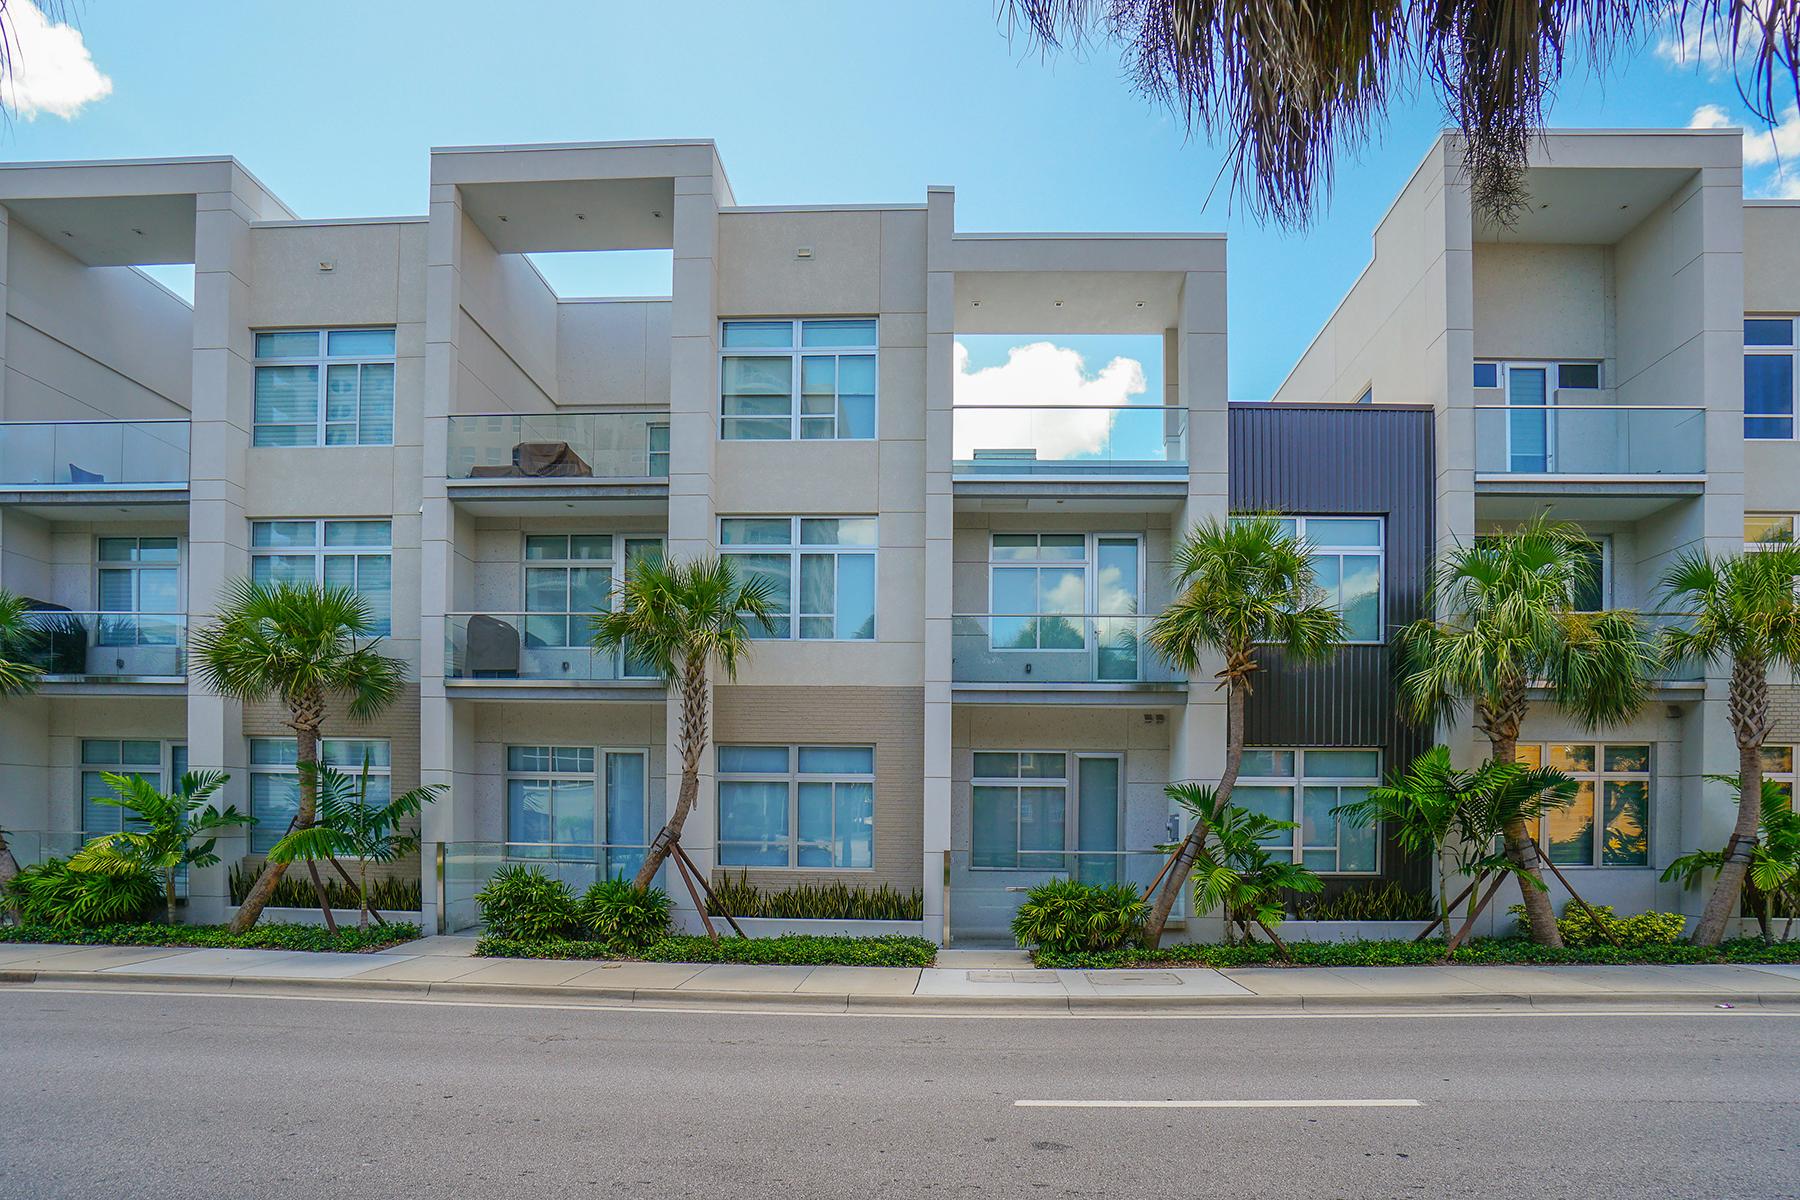 联栋屋 为 销售 在 Q - DOWNTOWN SARASOTA 272 Cosmopolitan Ct 萨拉索塔, 佛罗里达州, 34236 美国